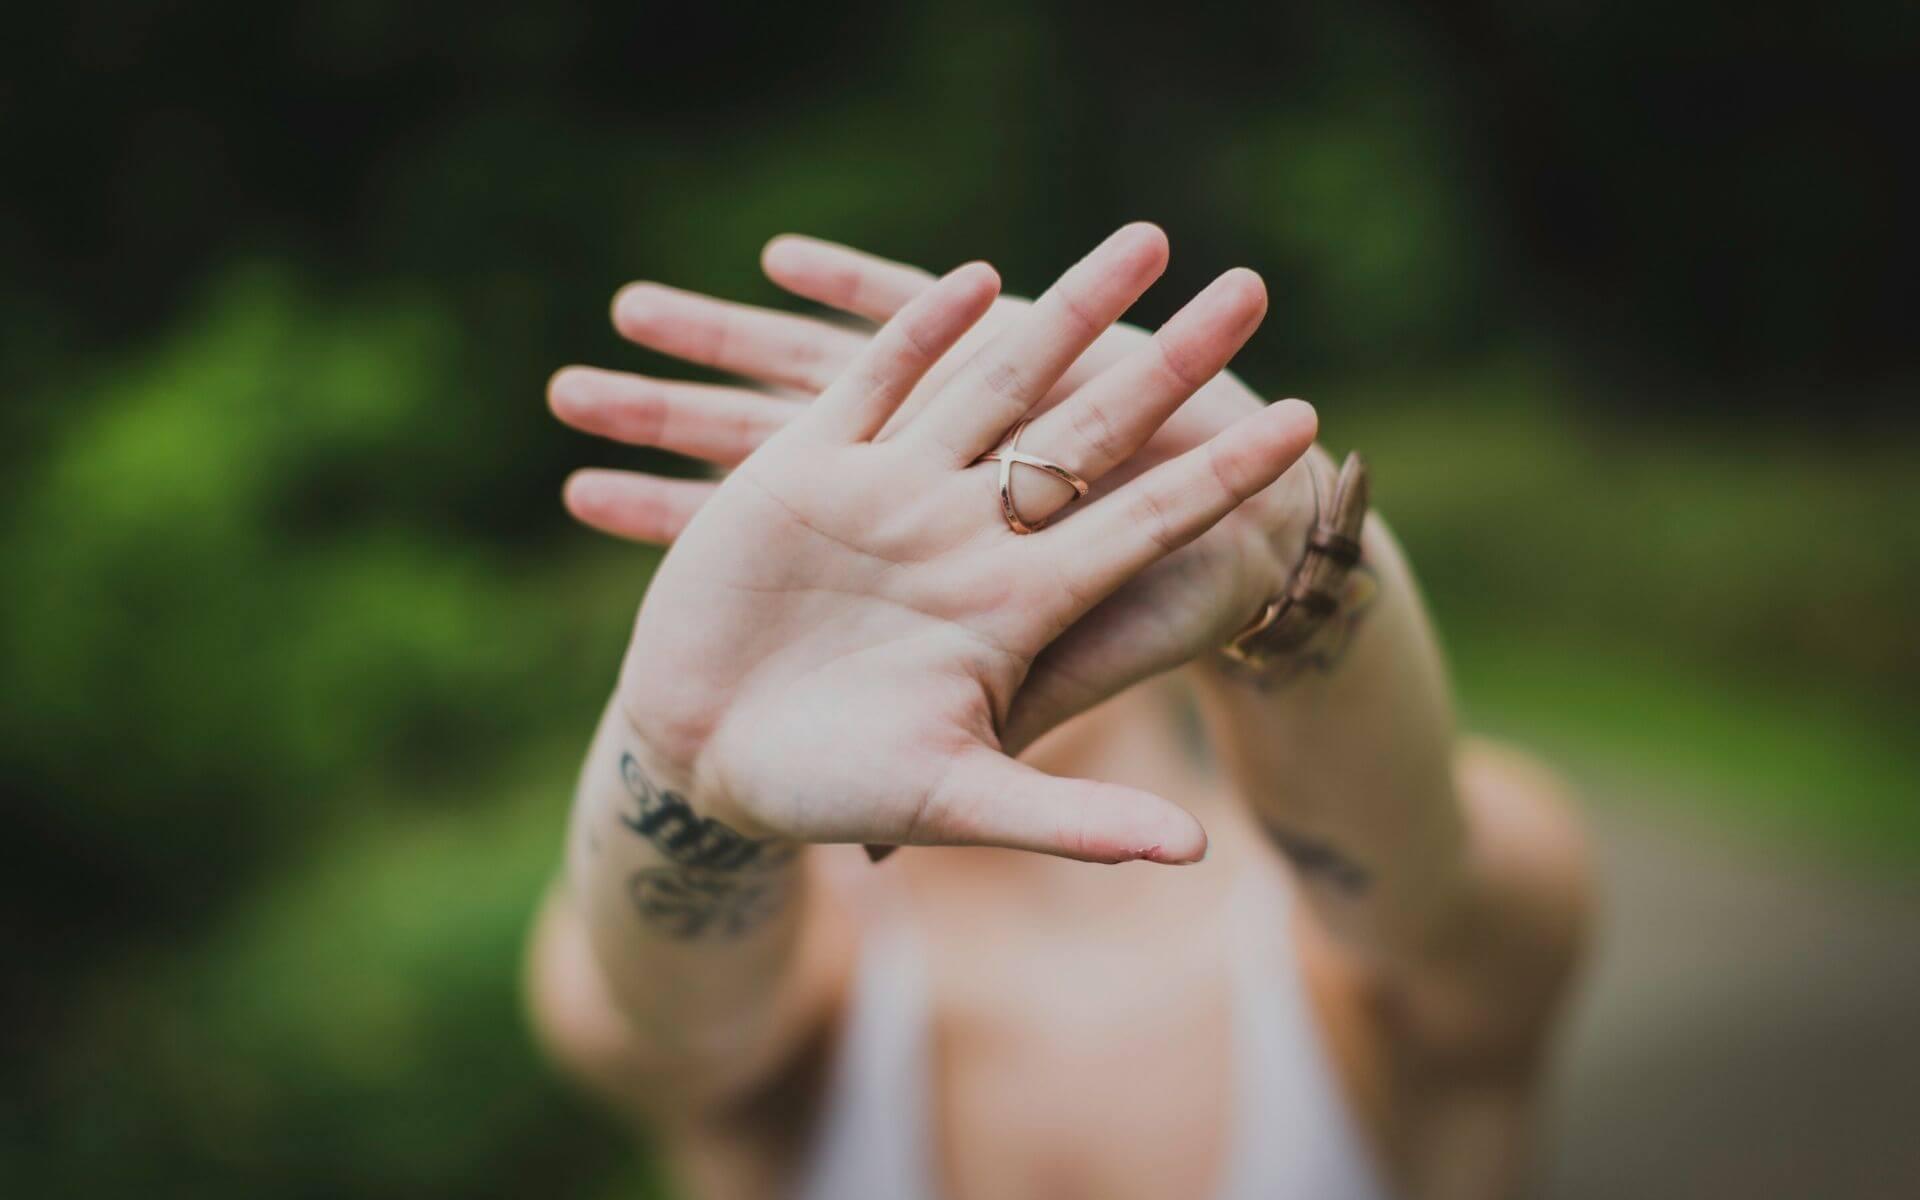 31 schlechte Anmachsprüche, die wirklich keine Frau hören will!